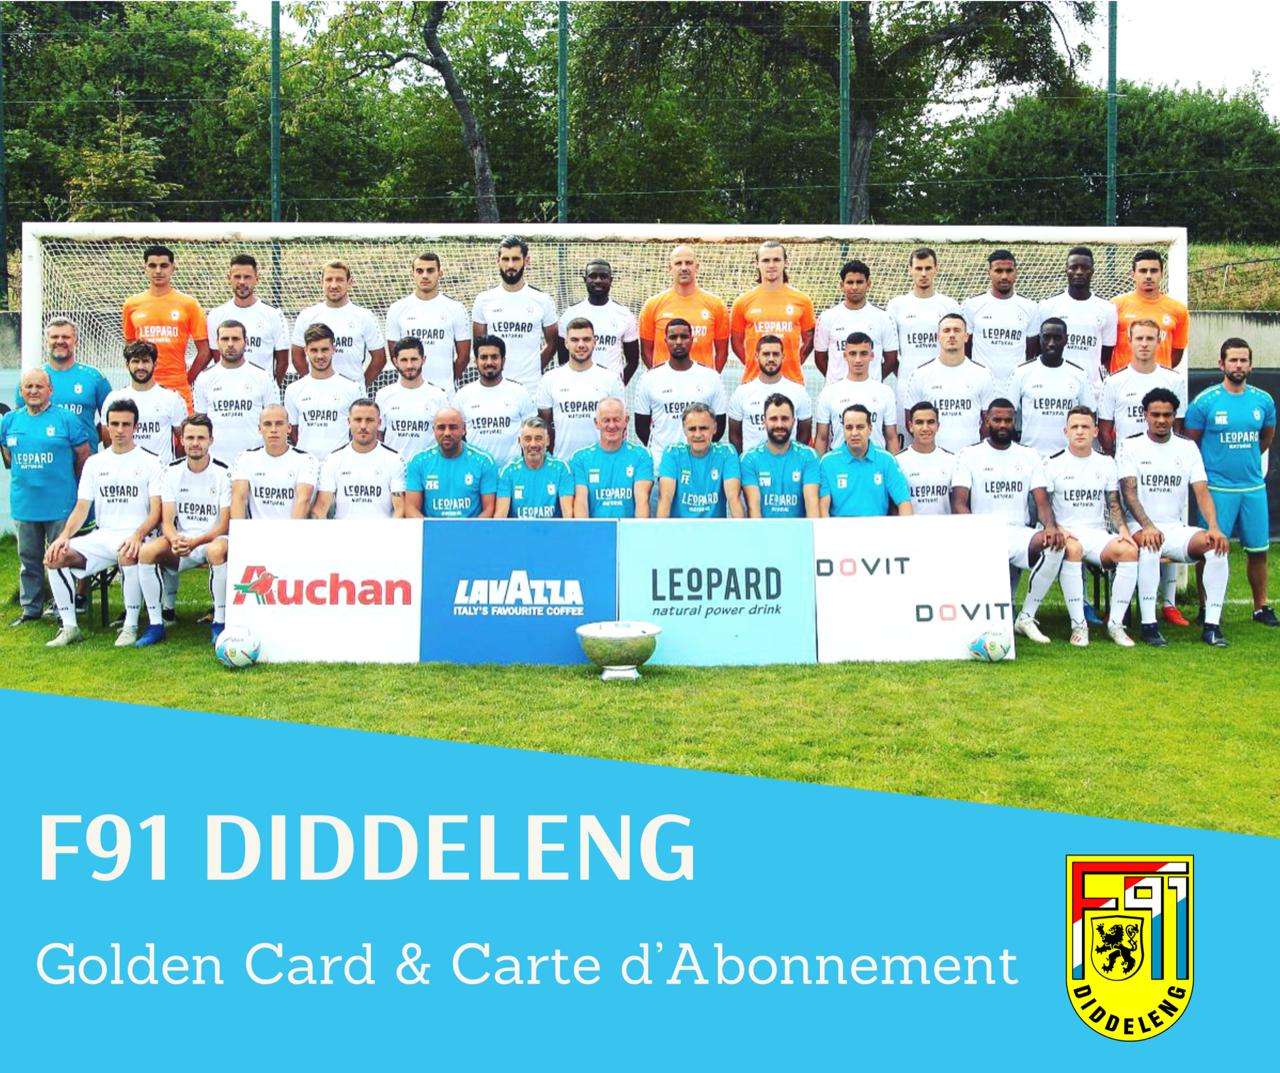 Golden Card & Carte d'Abonnement